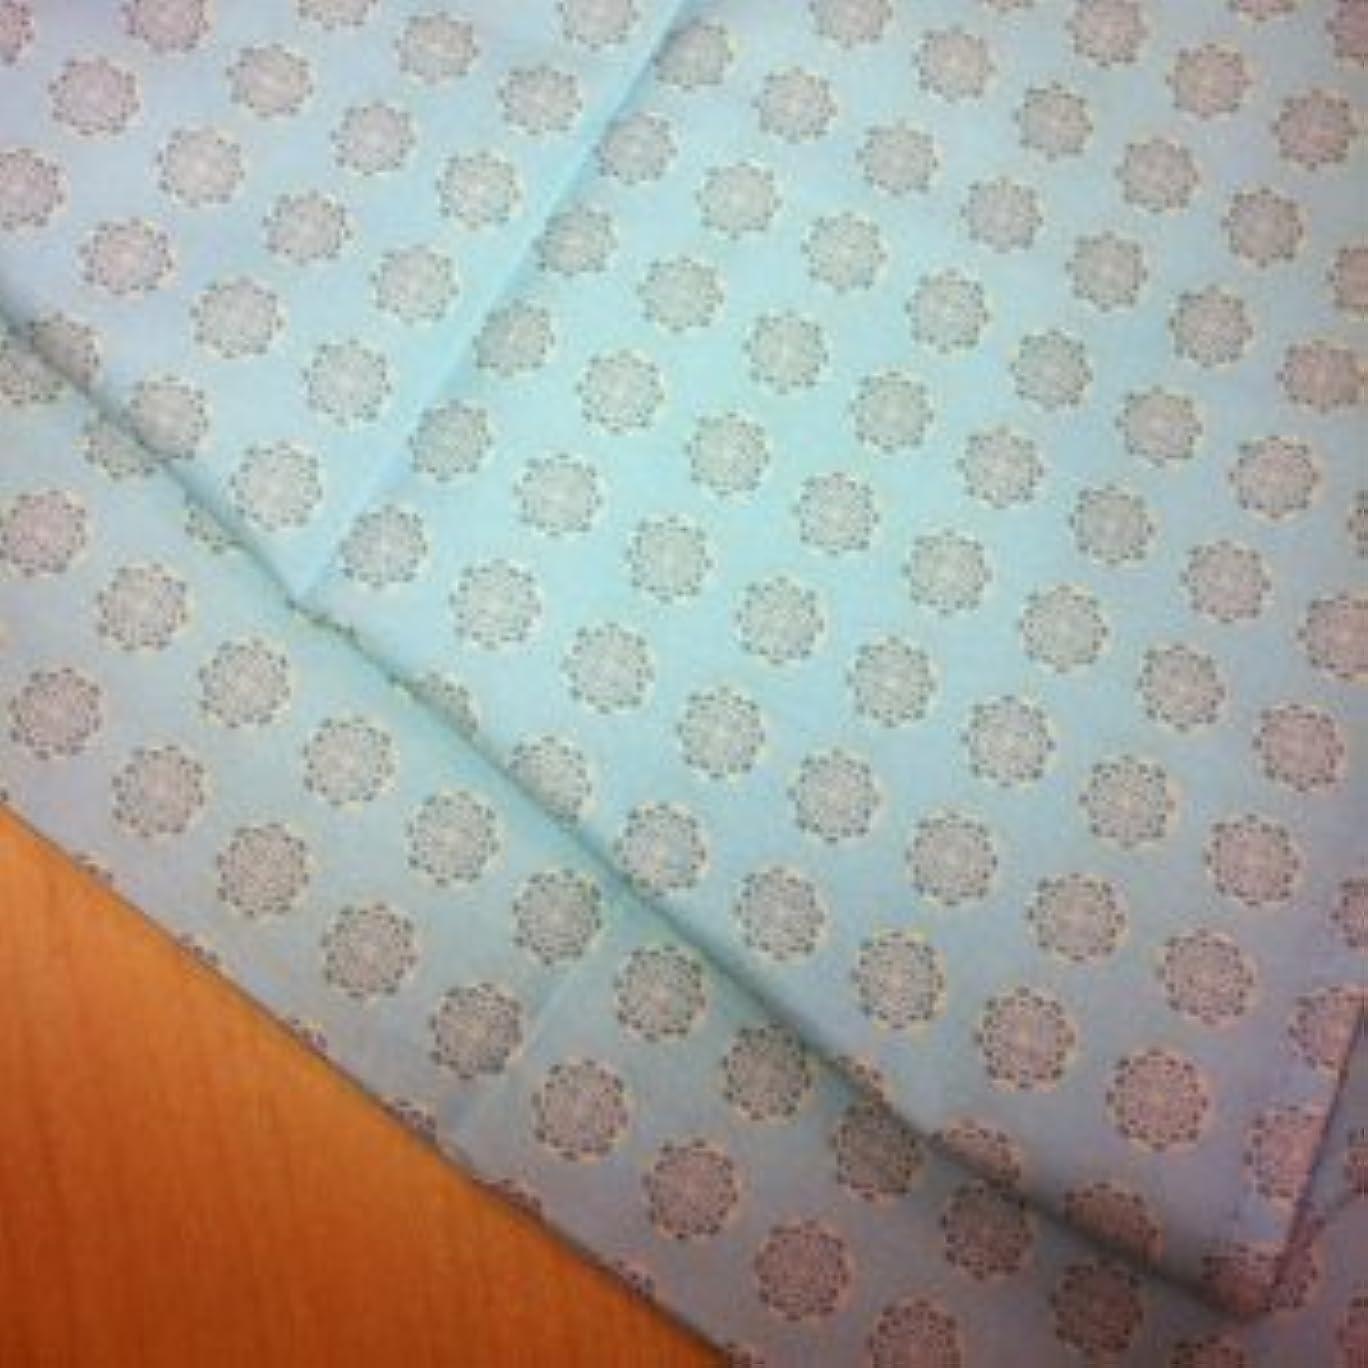 散らす計算するお祝いフラワーシャーベット布タイプ 量り売り(158cm幅)